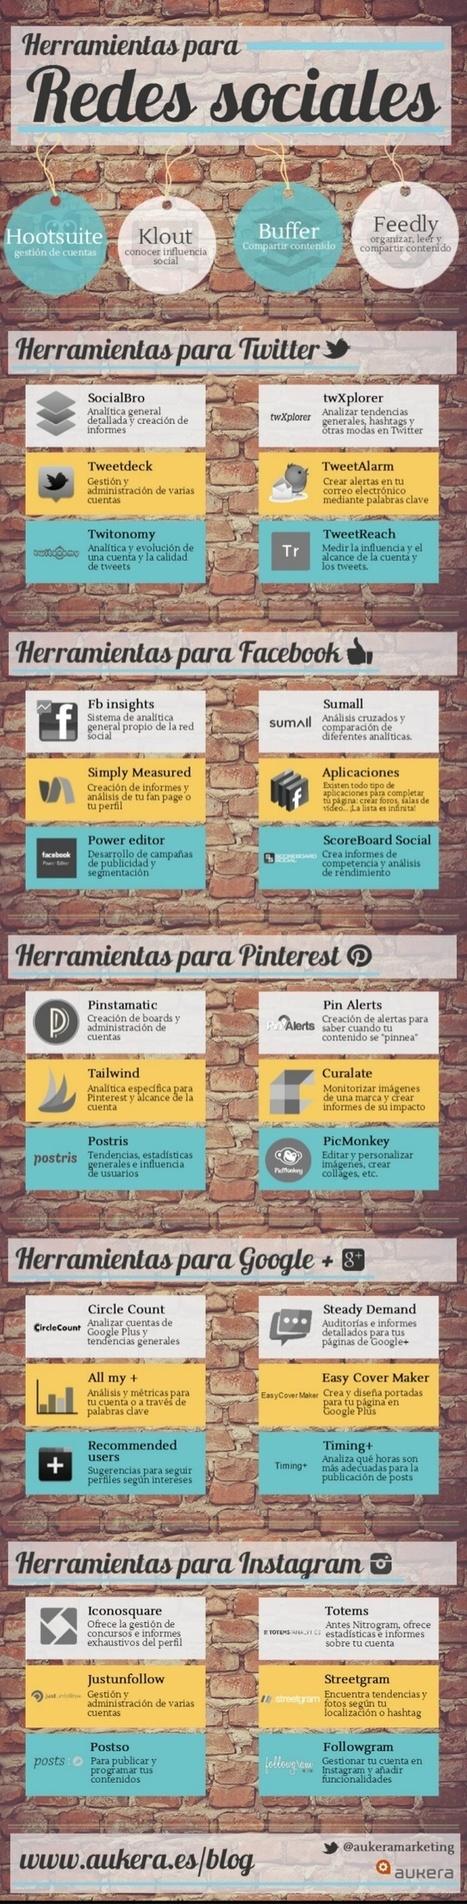 34 herramientas para la gestión de Redes Sociales #infografia #infographic #socialmedia | CarlosJavier_76 | Scoop.it